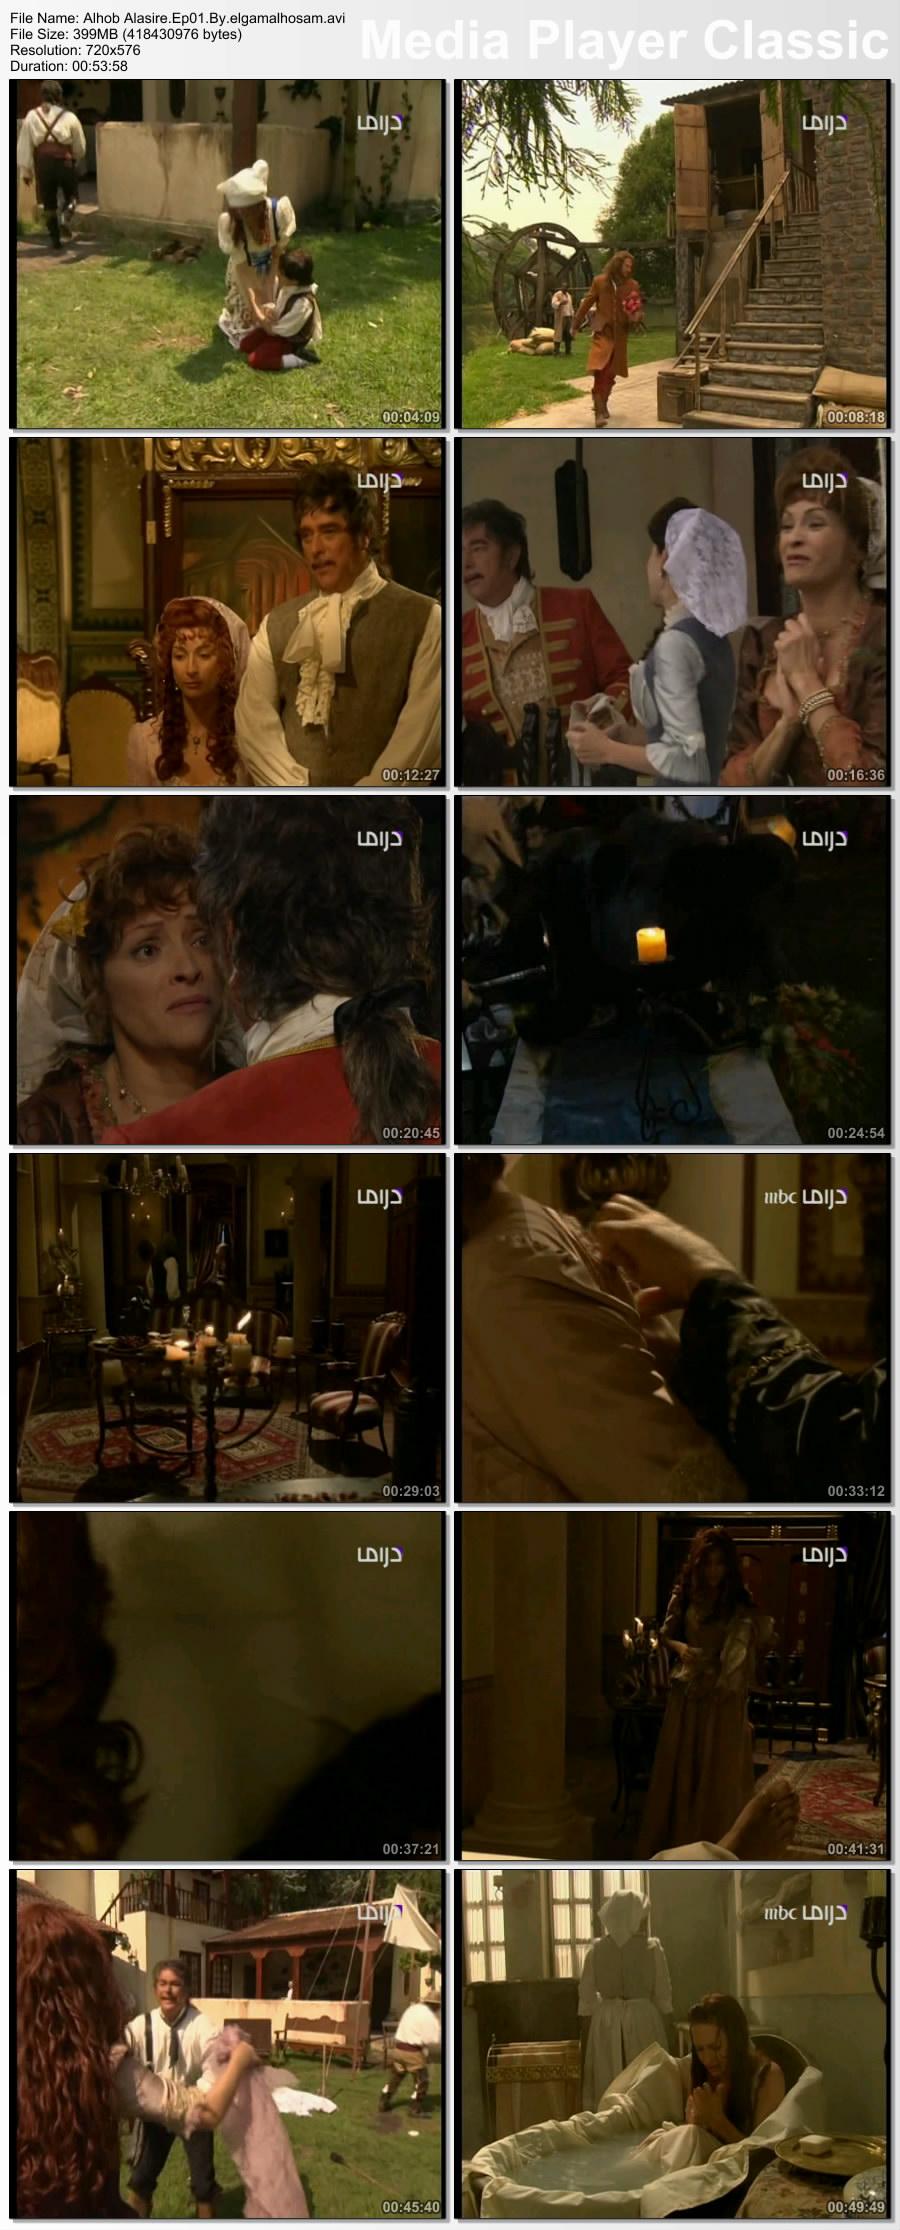 المسلسل المكسيكي الرومانسي الحب الأسير 23epb9db5oxqk4qri9m1.jpg